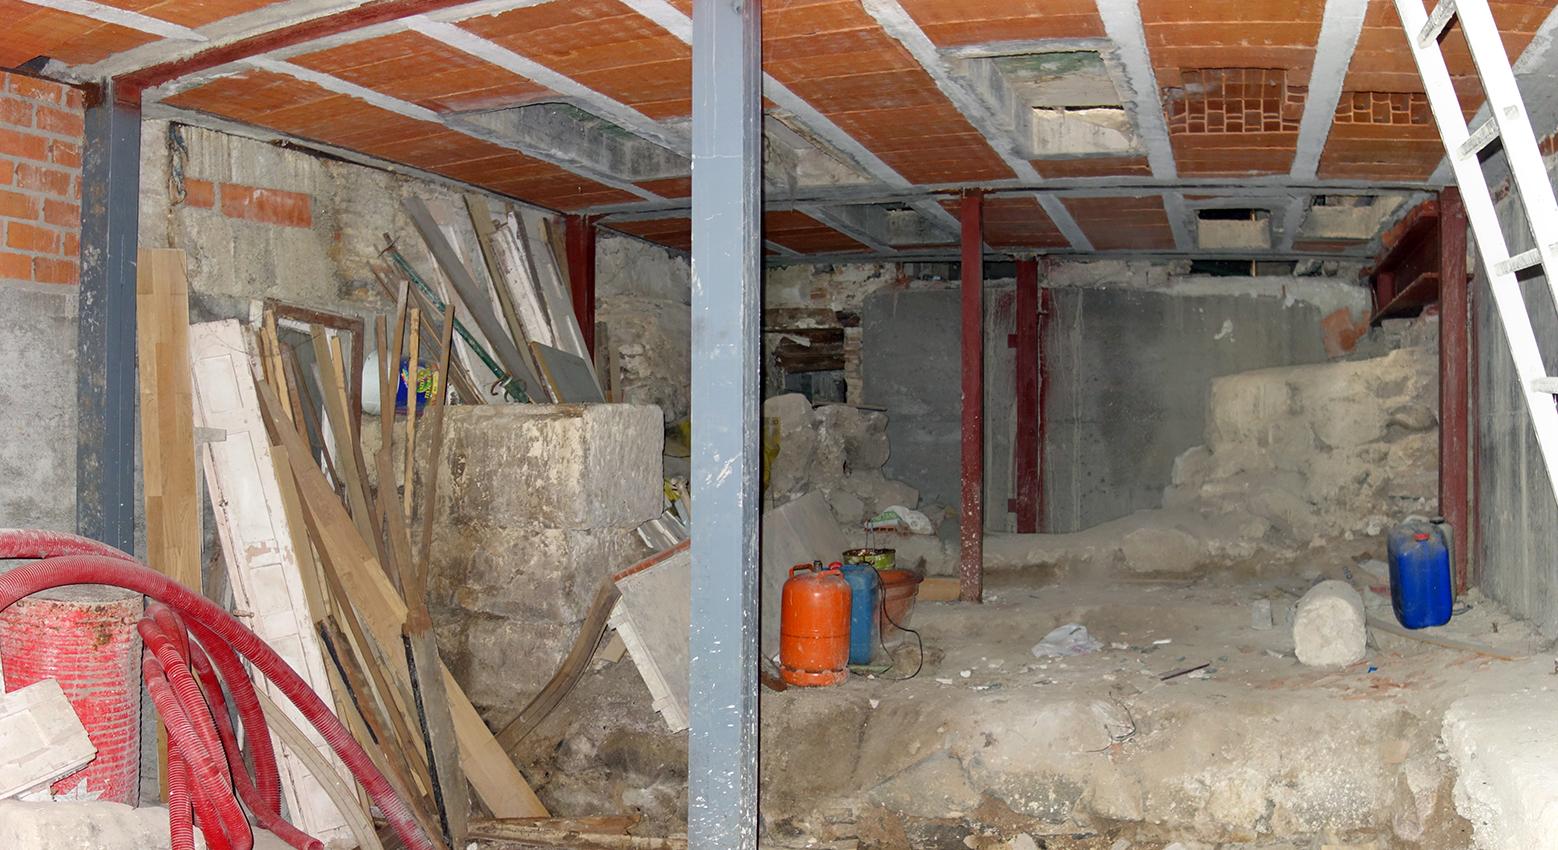 Estructura muraria romana en el edificio de la Calle de la Plata nº 11, en Toledo. Fotografías: Jose María Gutiérrez Arias, Sección Vivienda, Consorcio de Toledo. Año 2019.